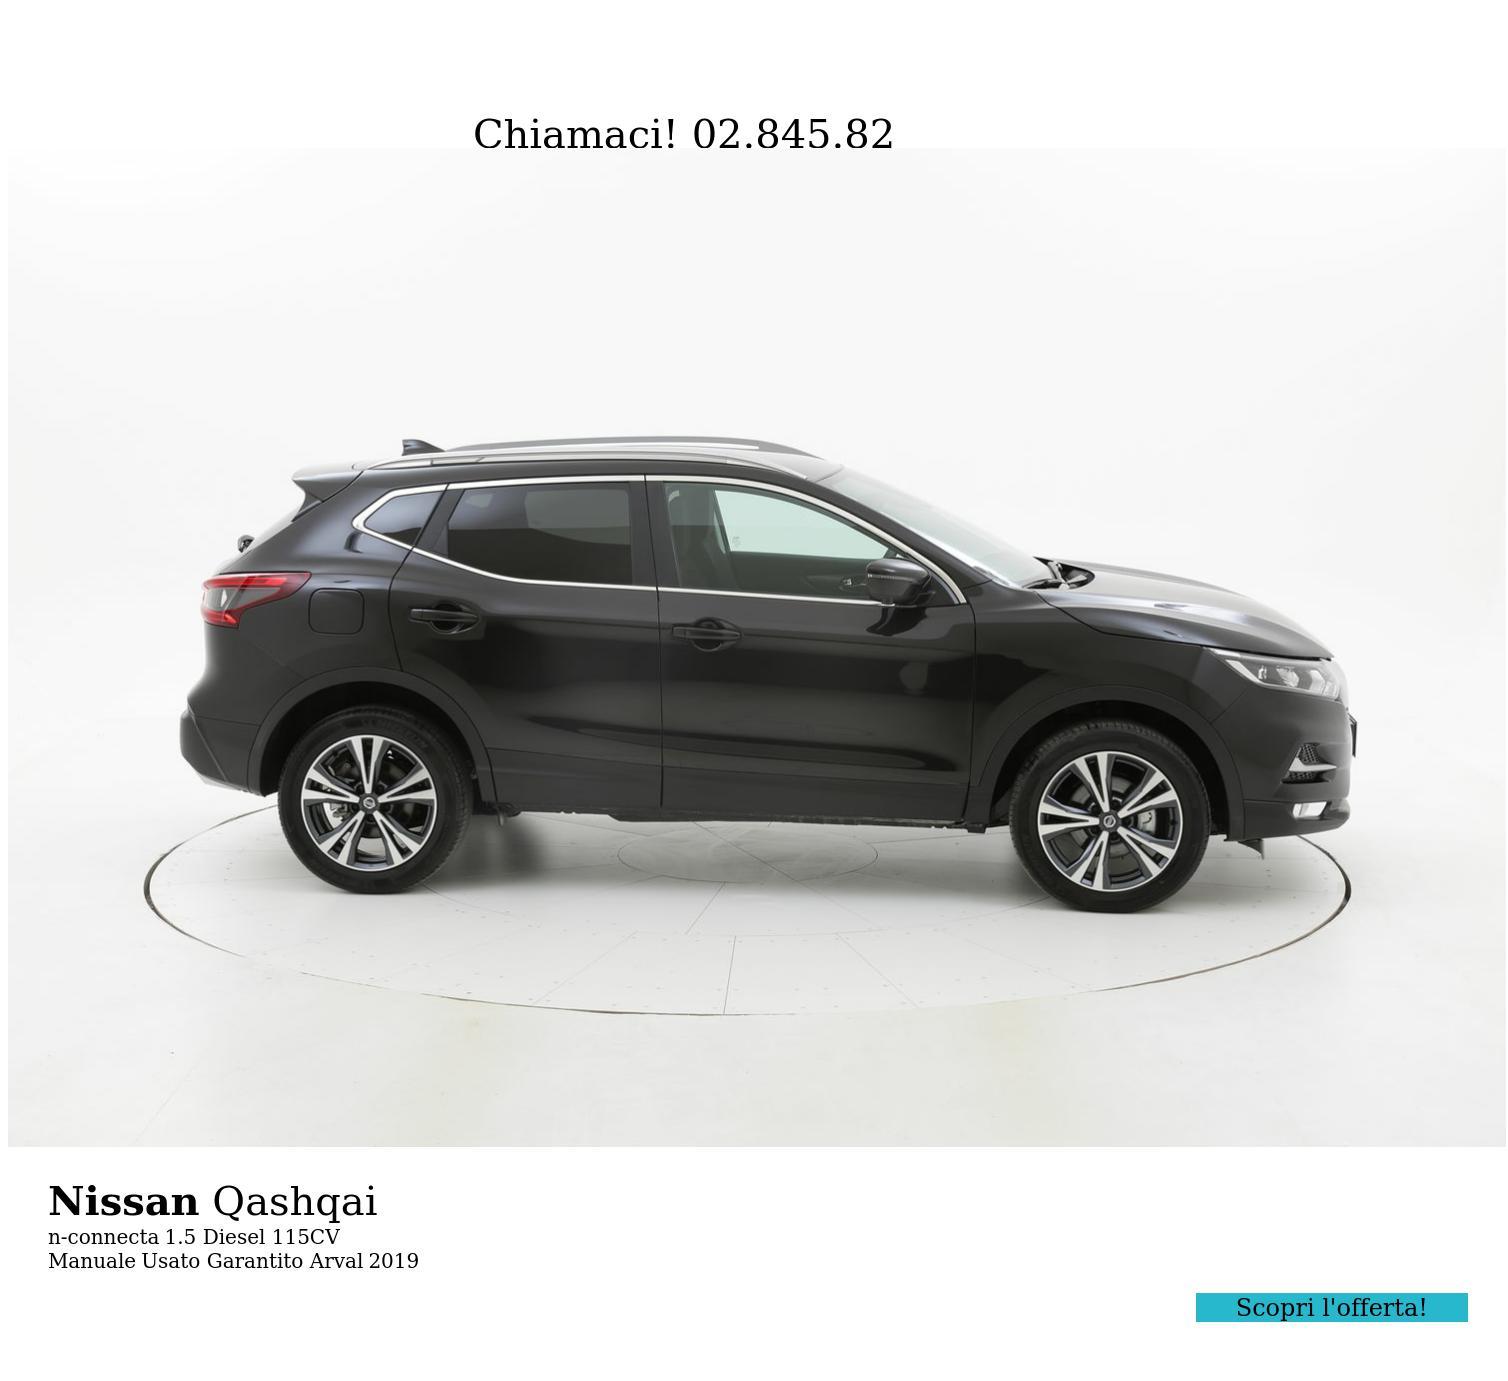 Nissan Qashqai n-connecta km 0 diesel nera | brumbrum